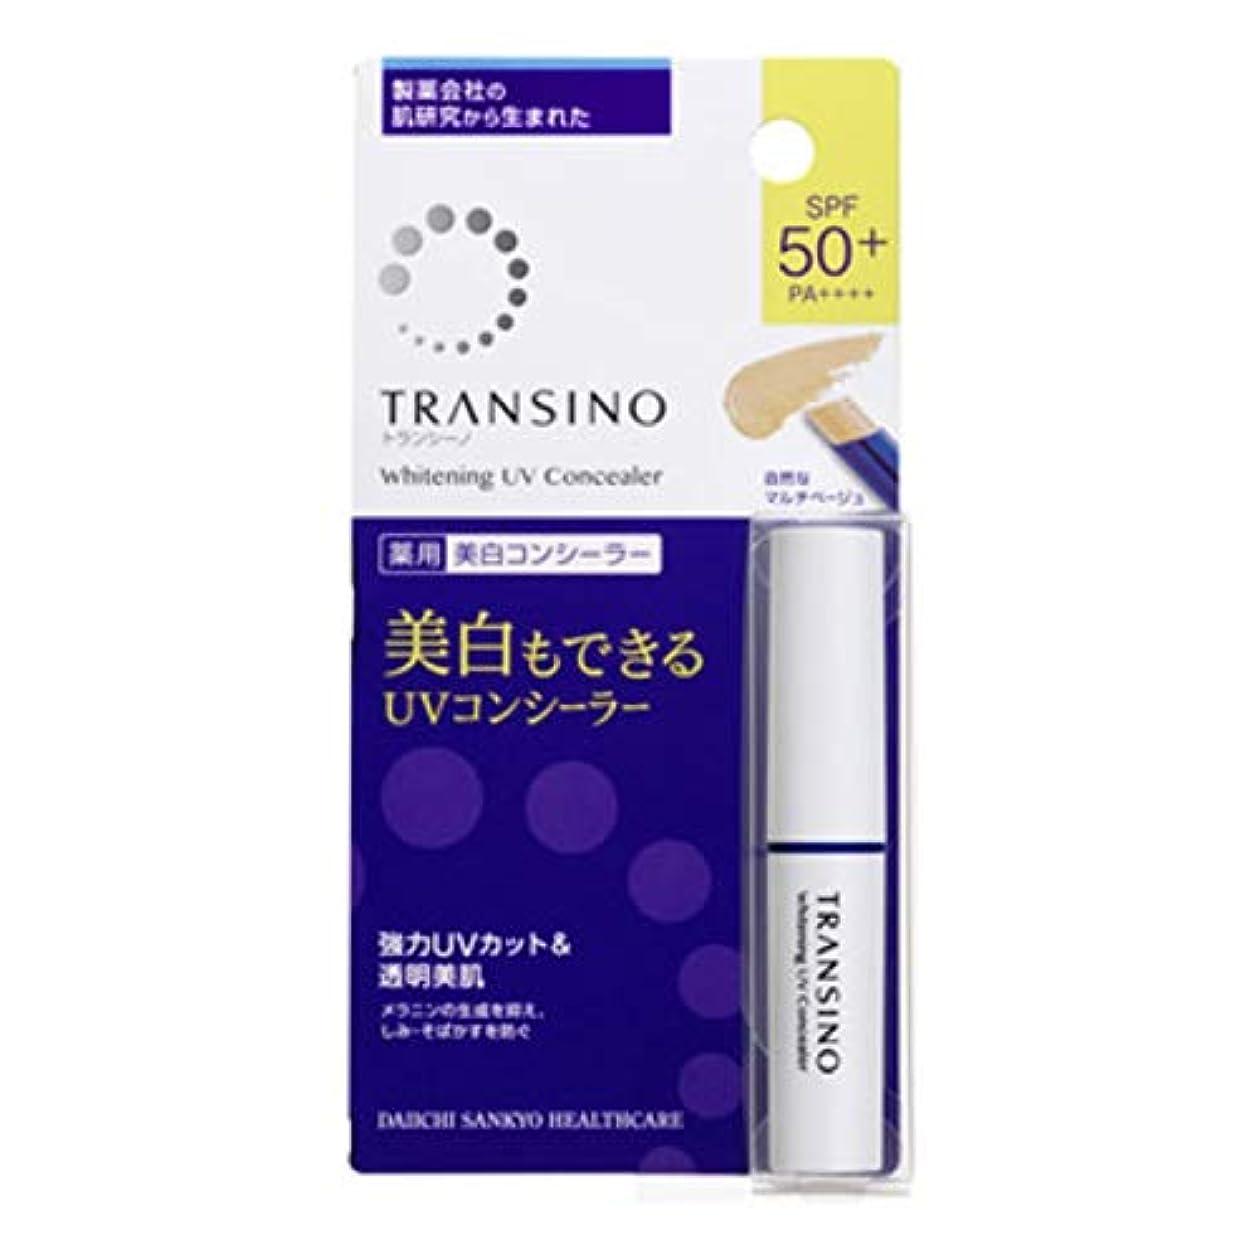 性交無謀バックトランシーノ 薬用ホワイトニングUVコンシーラー 2.5g SPF50+?PA++++ [並行輸入品]